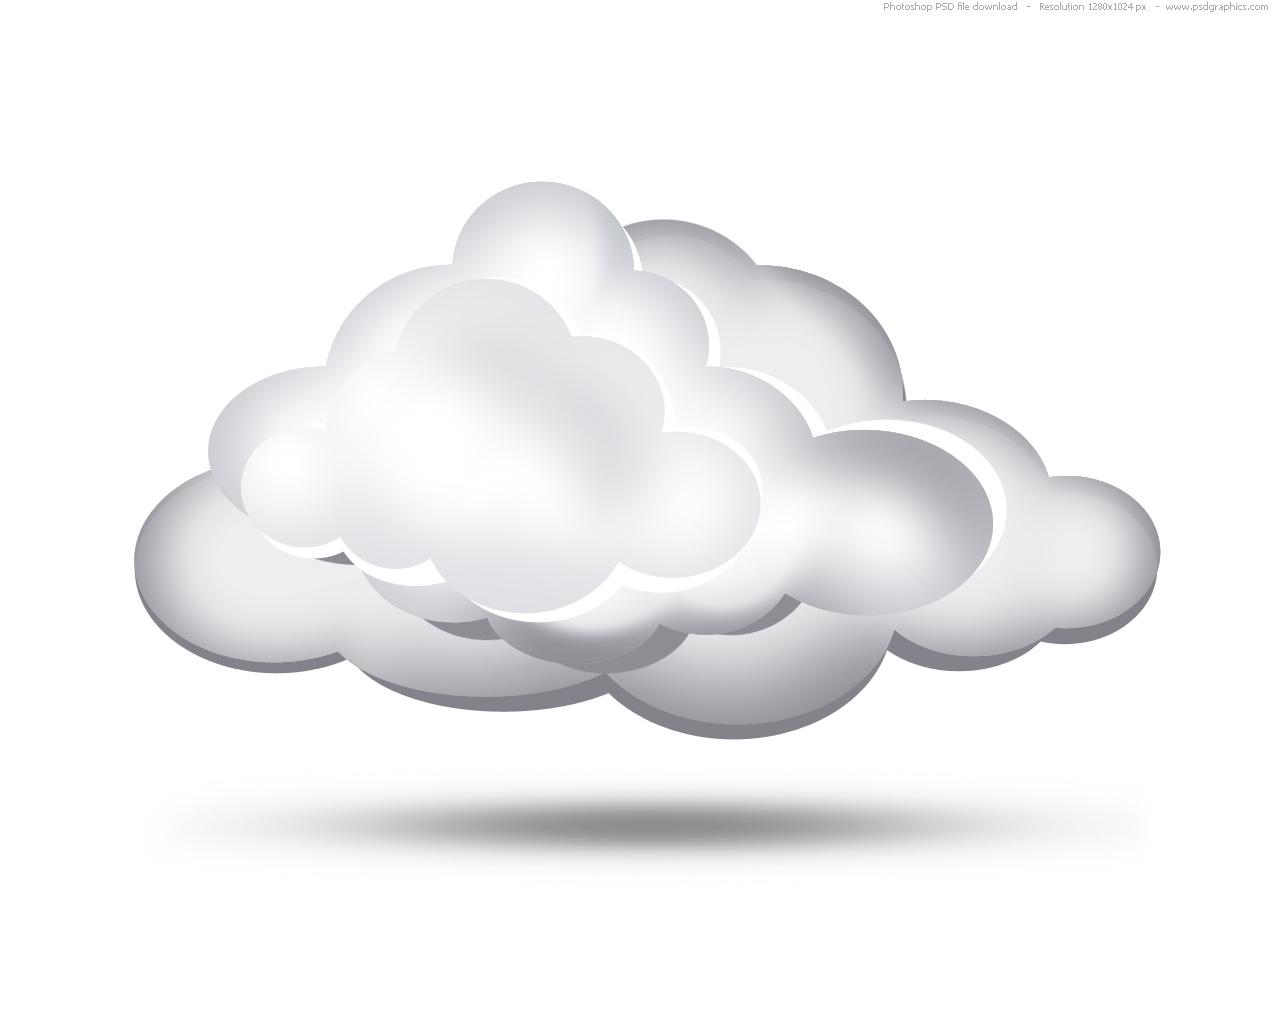 15 Color Cloud Icon Images